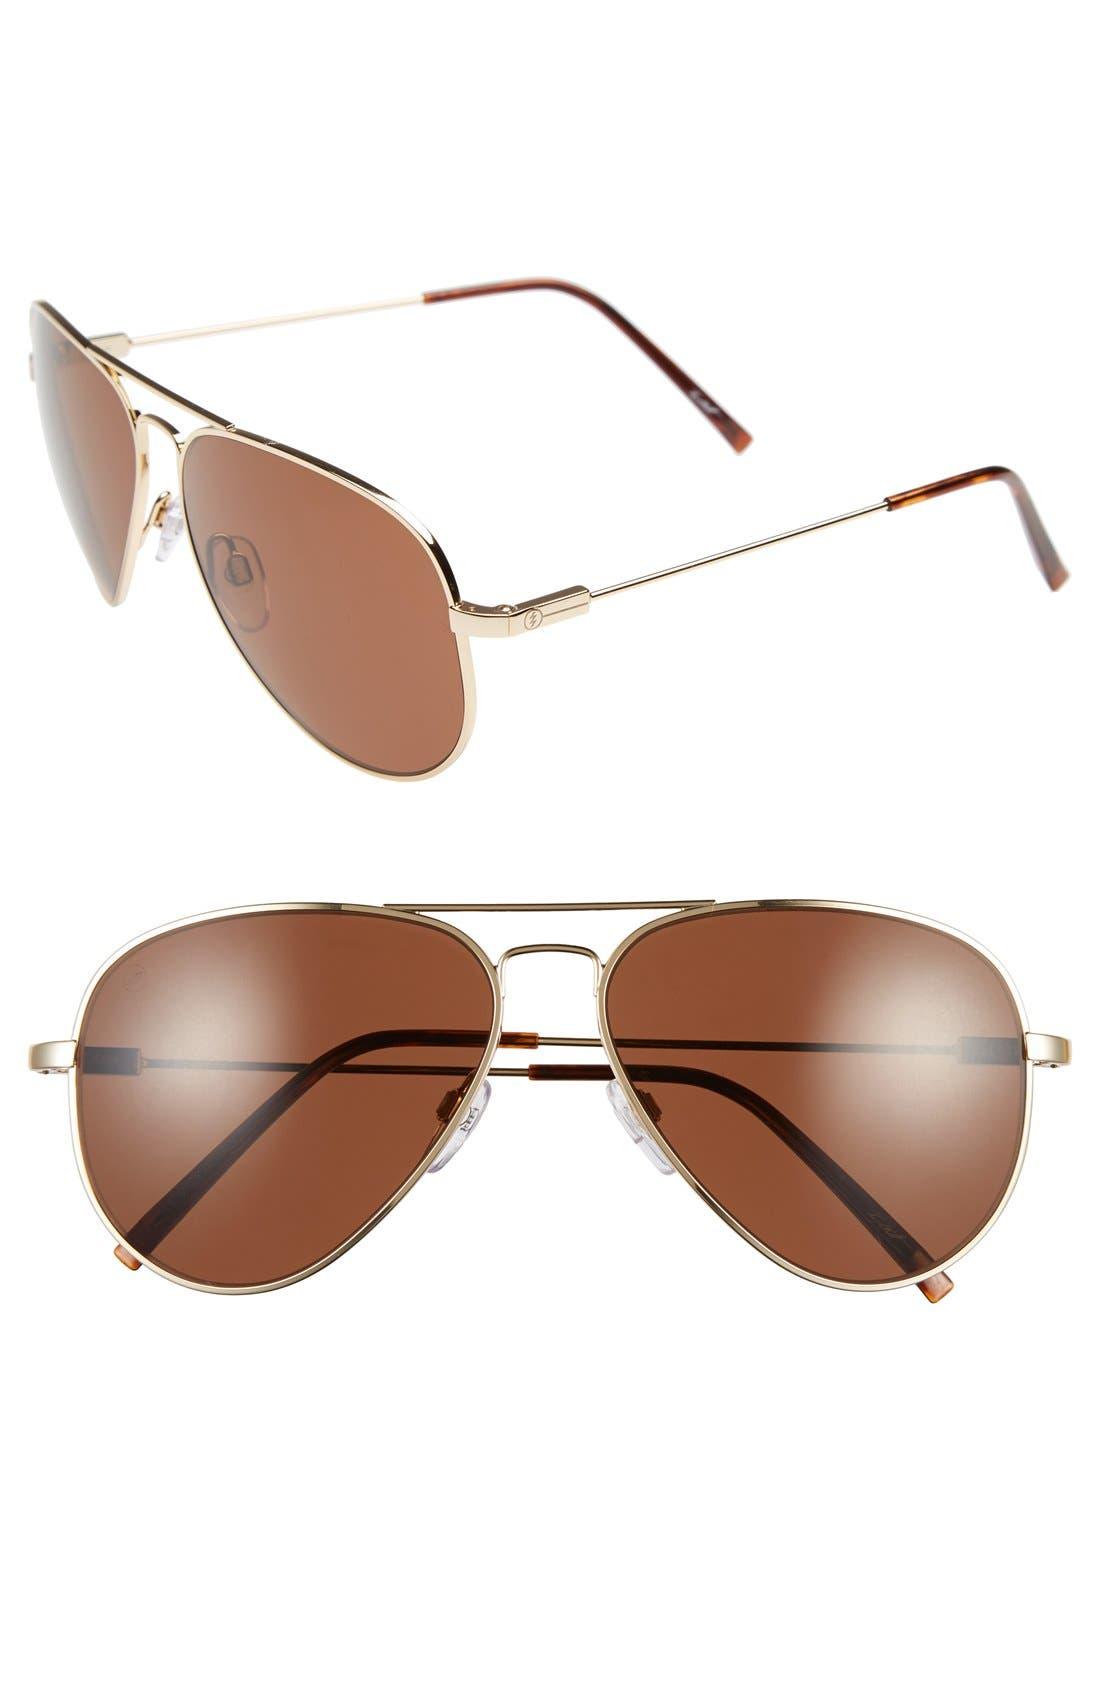 'AV1' 58mm Aviator Sunglasses,                             Main thumbnail 1, color,                             GOLD/ BRONZE